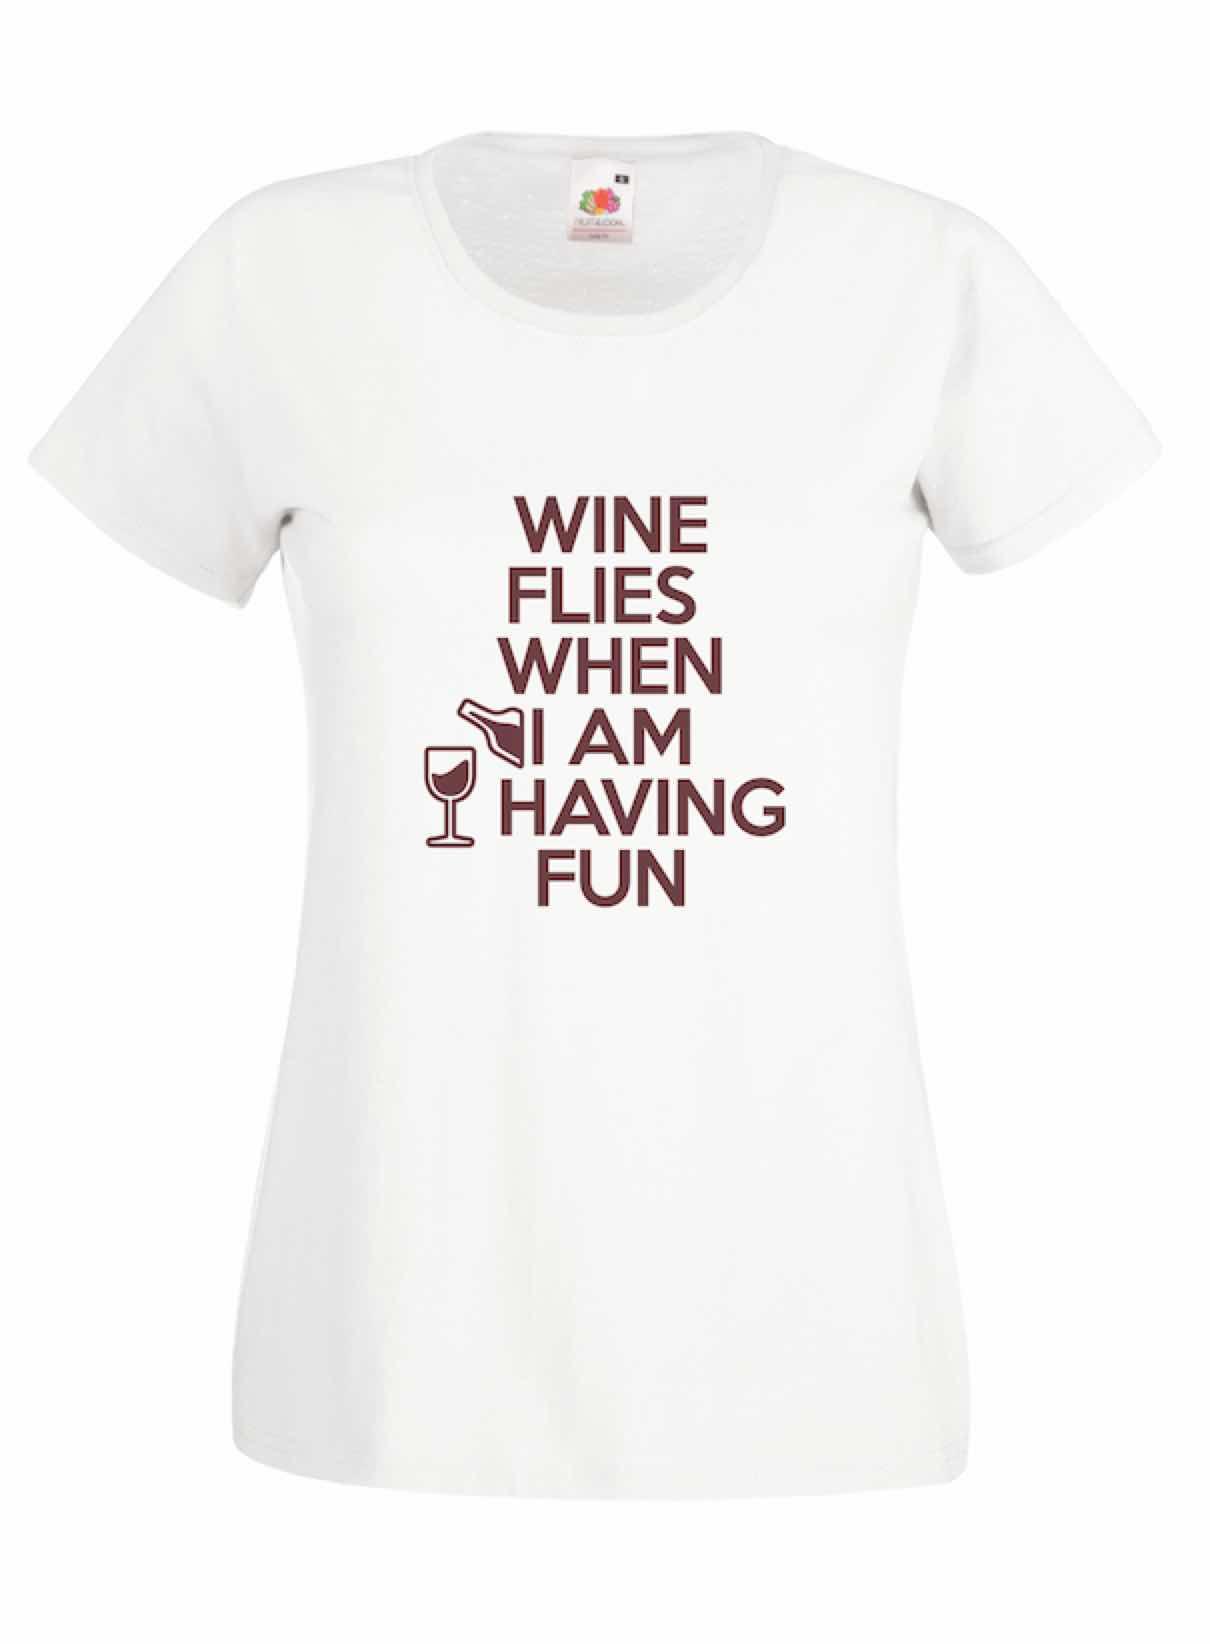 Wine Flies When I design for t-shirt, hoodie & sweatshirt